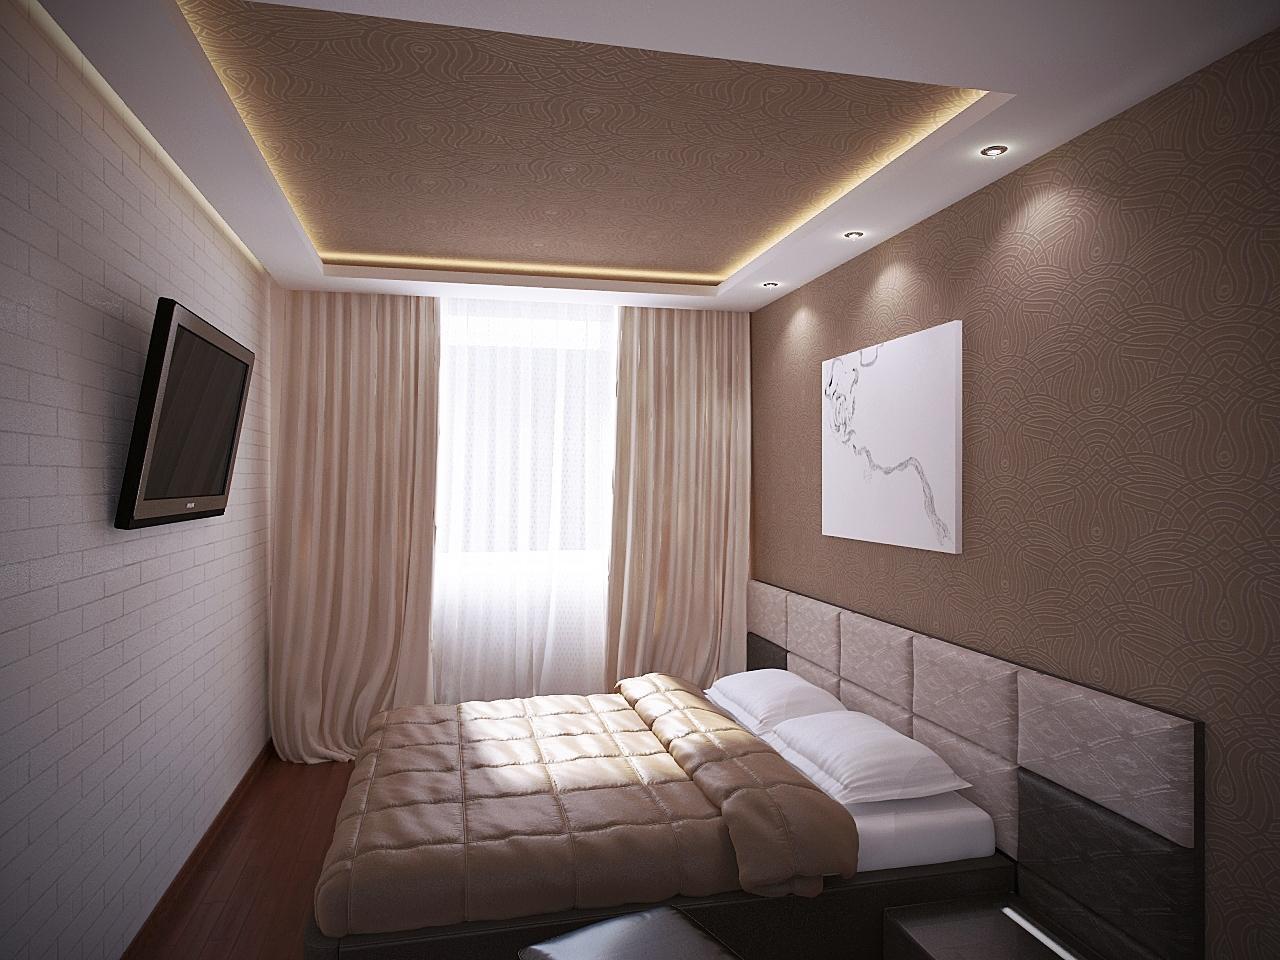 просматриваете новость варианты натяжных потолков для спальни фото металлической сетки мелкими